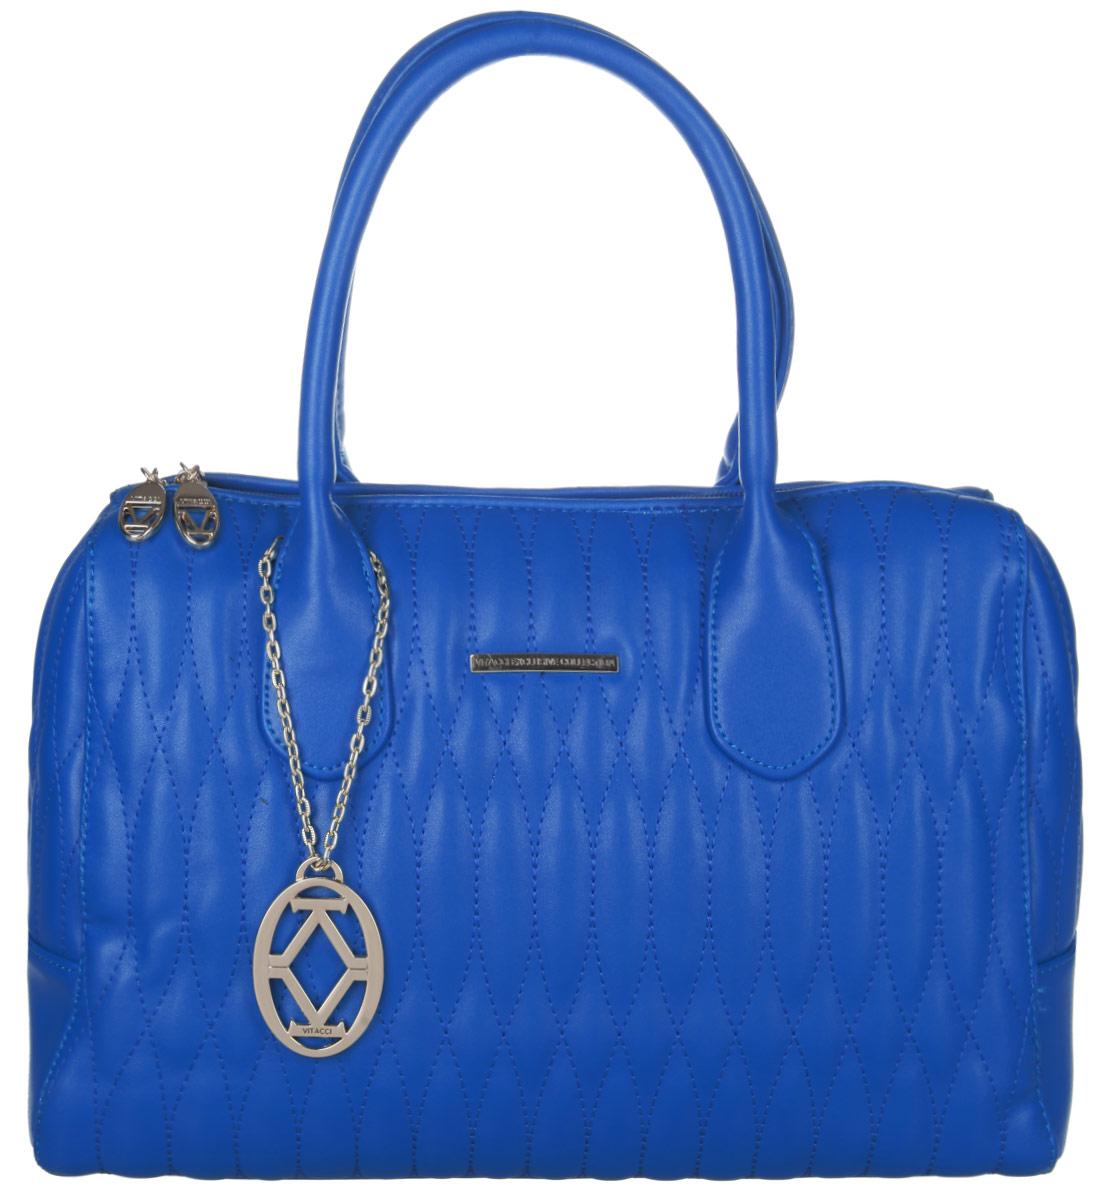 Сумка женская Vitacci, цвет: синий. VE0628VE0628Изысканная женская сумка Vitacci выполнена из качественной искусственной кожи синего цвета, оформлена декоративной отстрочкой. Сумка закрывается на замок-молнию с двумя бегунками. Удобные ручки крепятся к корпусу сумки. Внутри одно отделение. Вместительное внутреннее отделение содержит два накладных кармана для телефона и мелких принадлежностей, а также врезной карман на молнии и отдельный глубокий карман на замке-молнии, прикрепленный к стенке сумки. Снаружи на задней стенке сумки размещен вшитый карман на молнии. Сумка декорирована металлическим брелоком золотистого цвета на съемной цепочке с логотипом фирмы. Практичная и стильная сумка прекрасно завершит ваш образ.